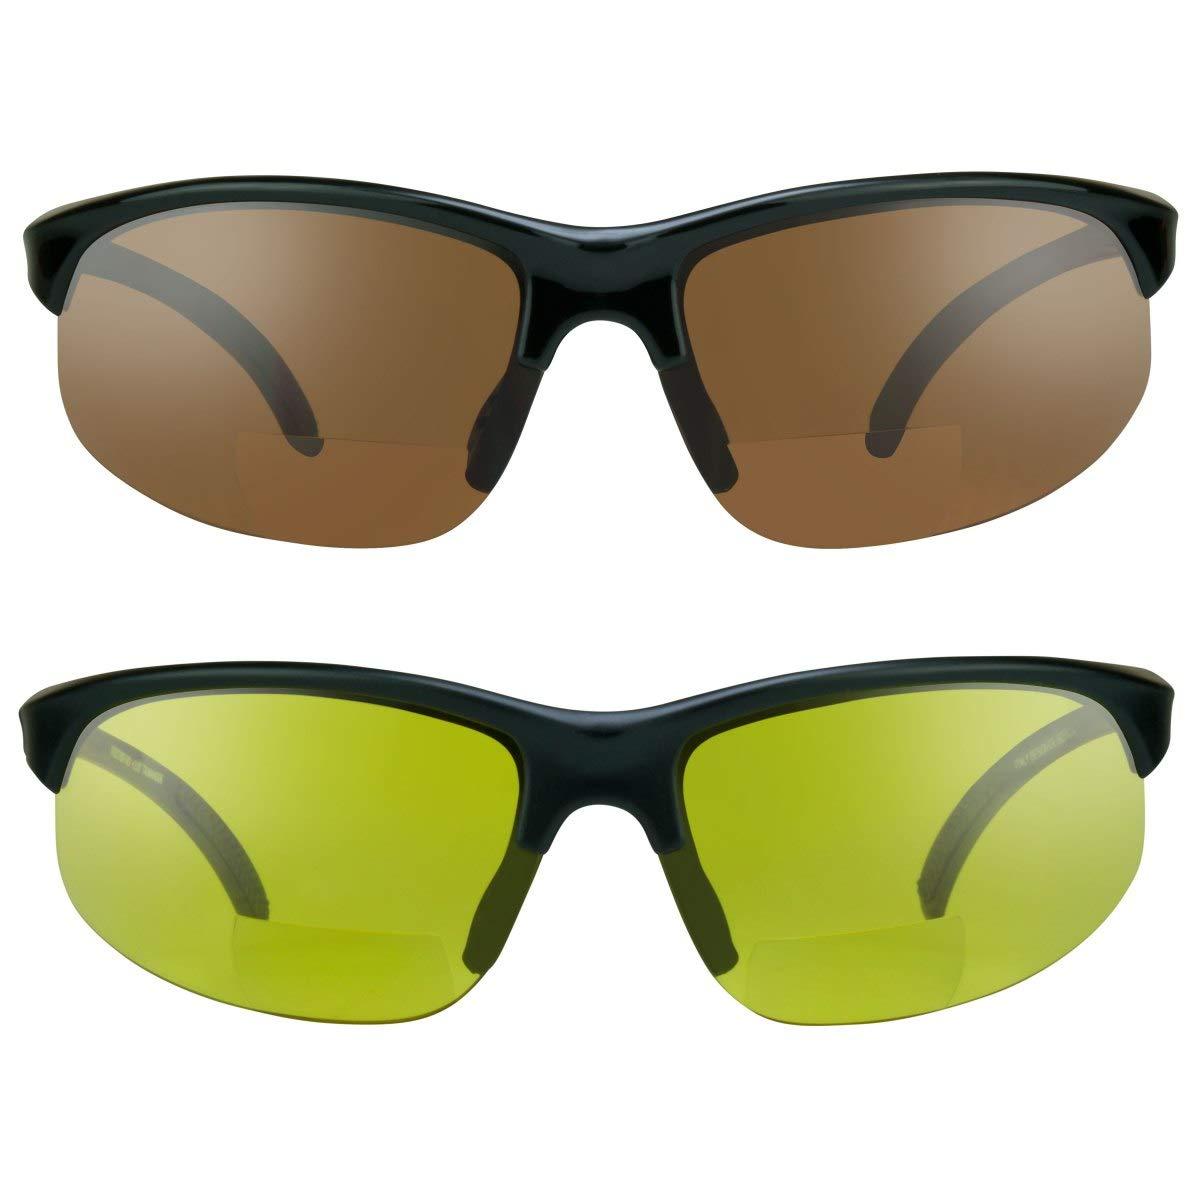 TALLA 3. proSPORTsunglasses Gafas de sol bifocales con marco sin montura. Lentes de cobre de humo, amarillas o de alta definición